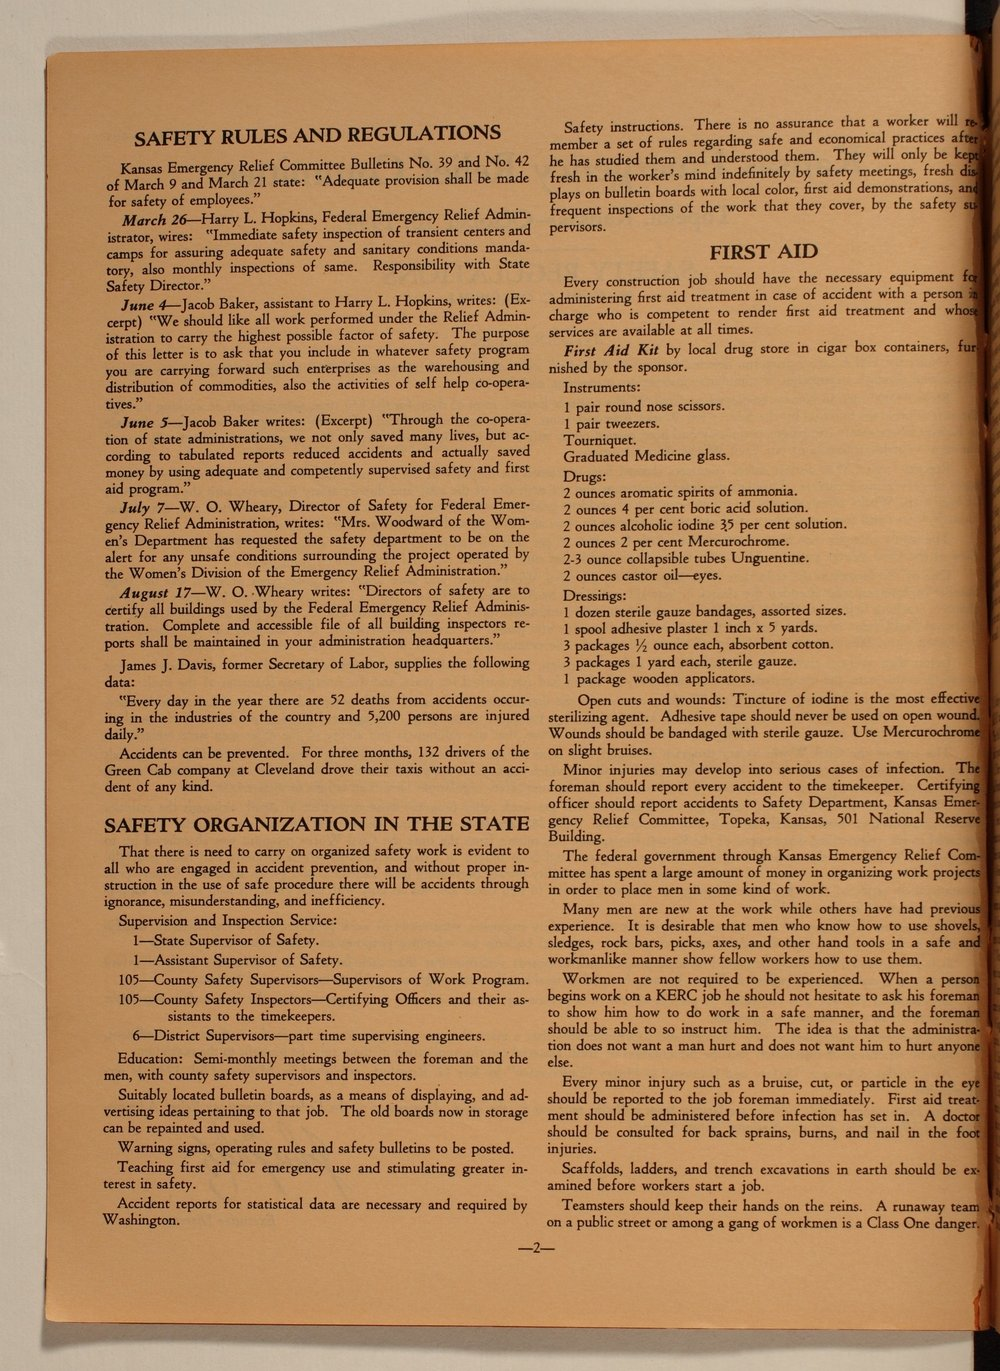 Kansas Emergency Relief Committee, bulletin 105 - 2